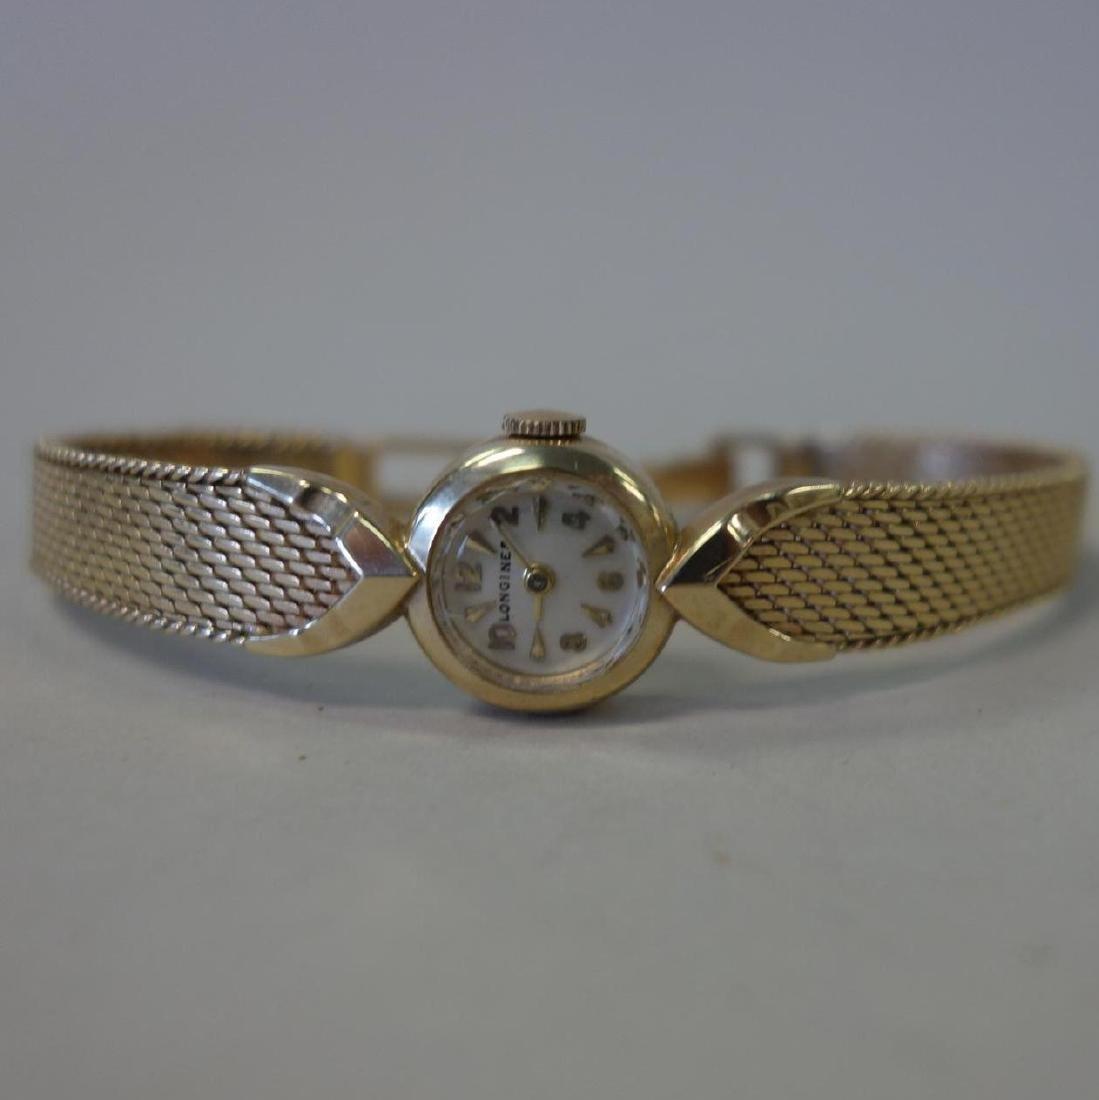 Longines 14K Gold Wrist Watch & 14K Gold Band